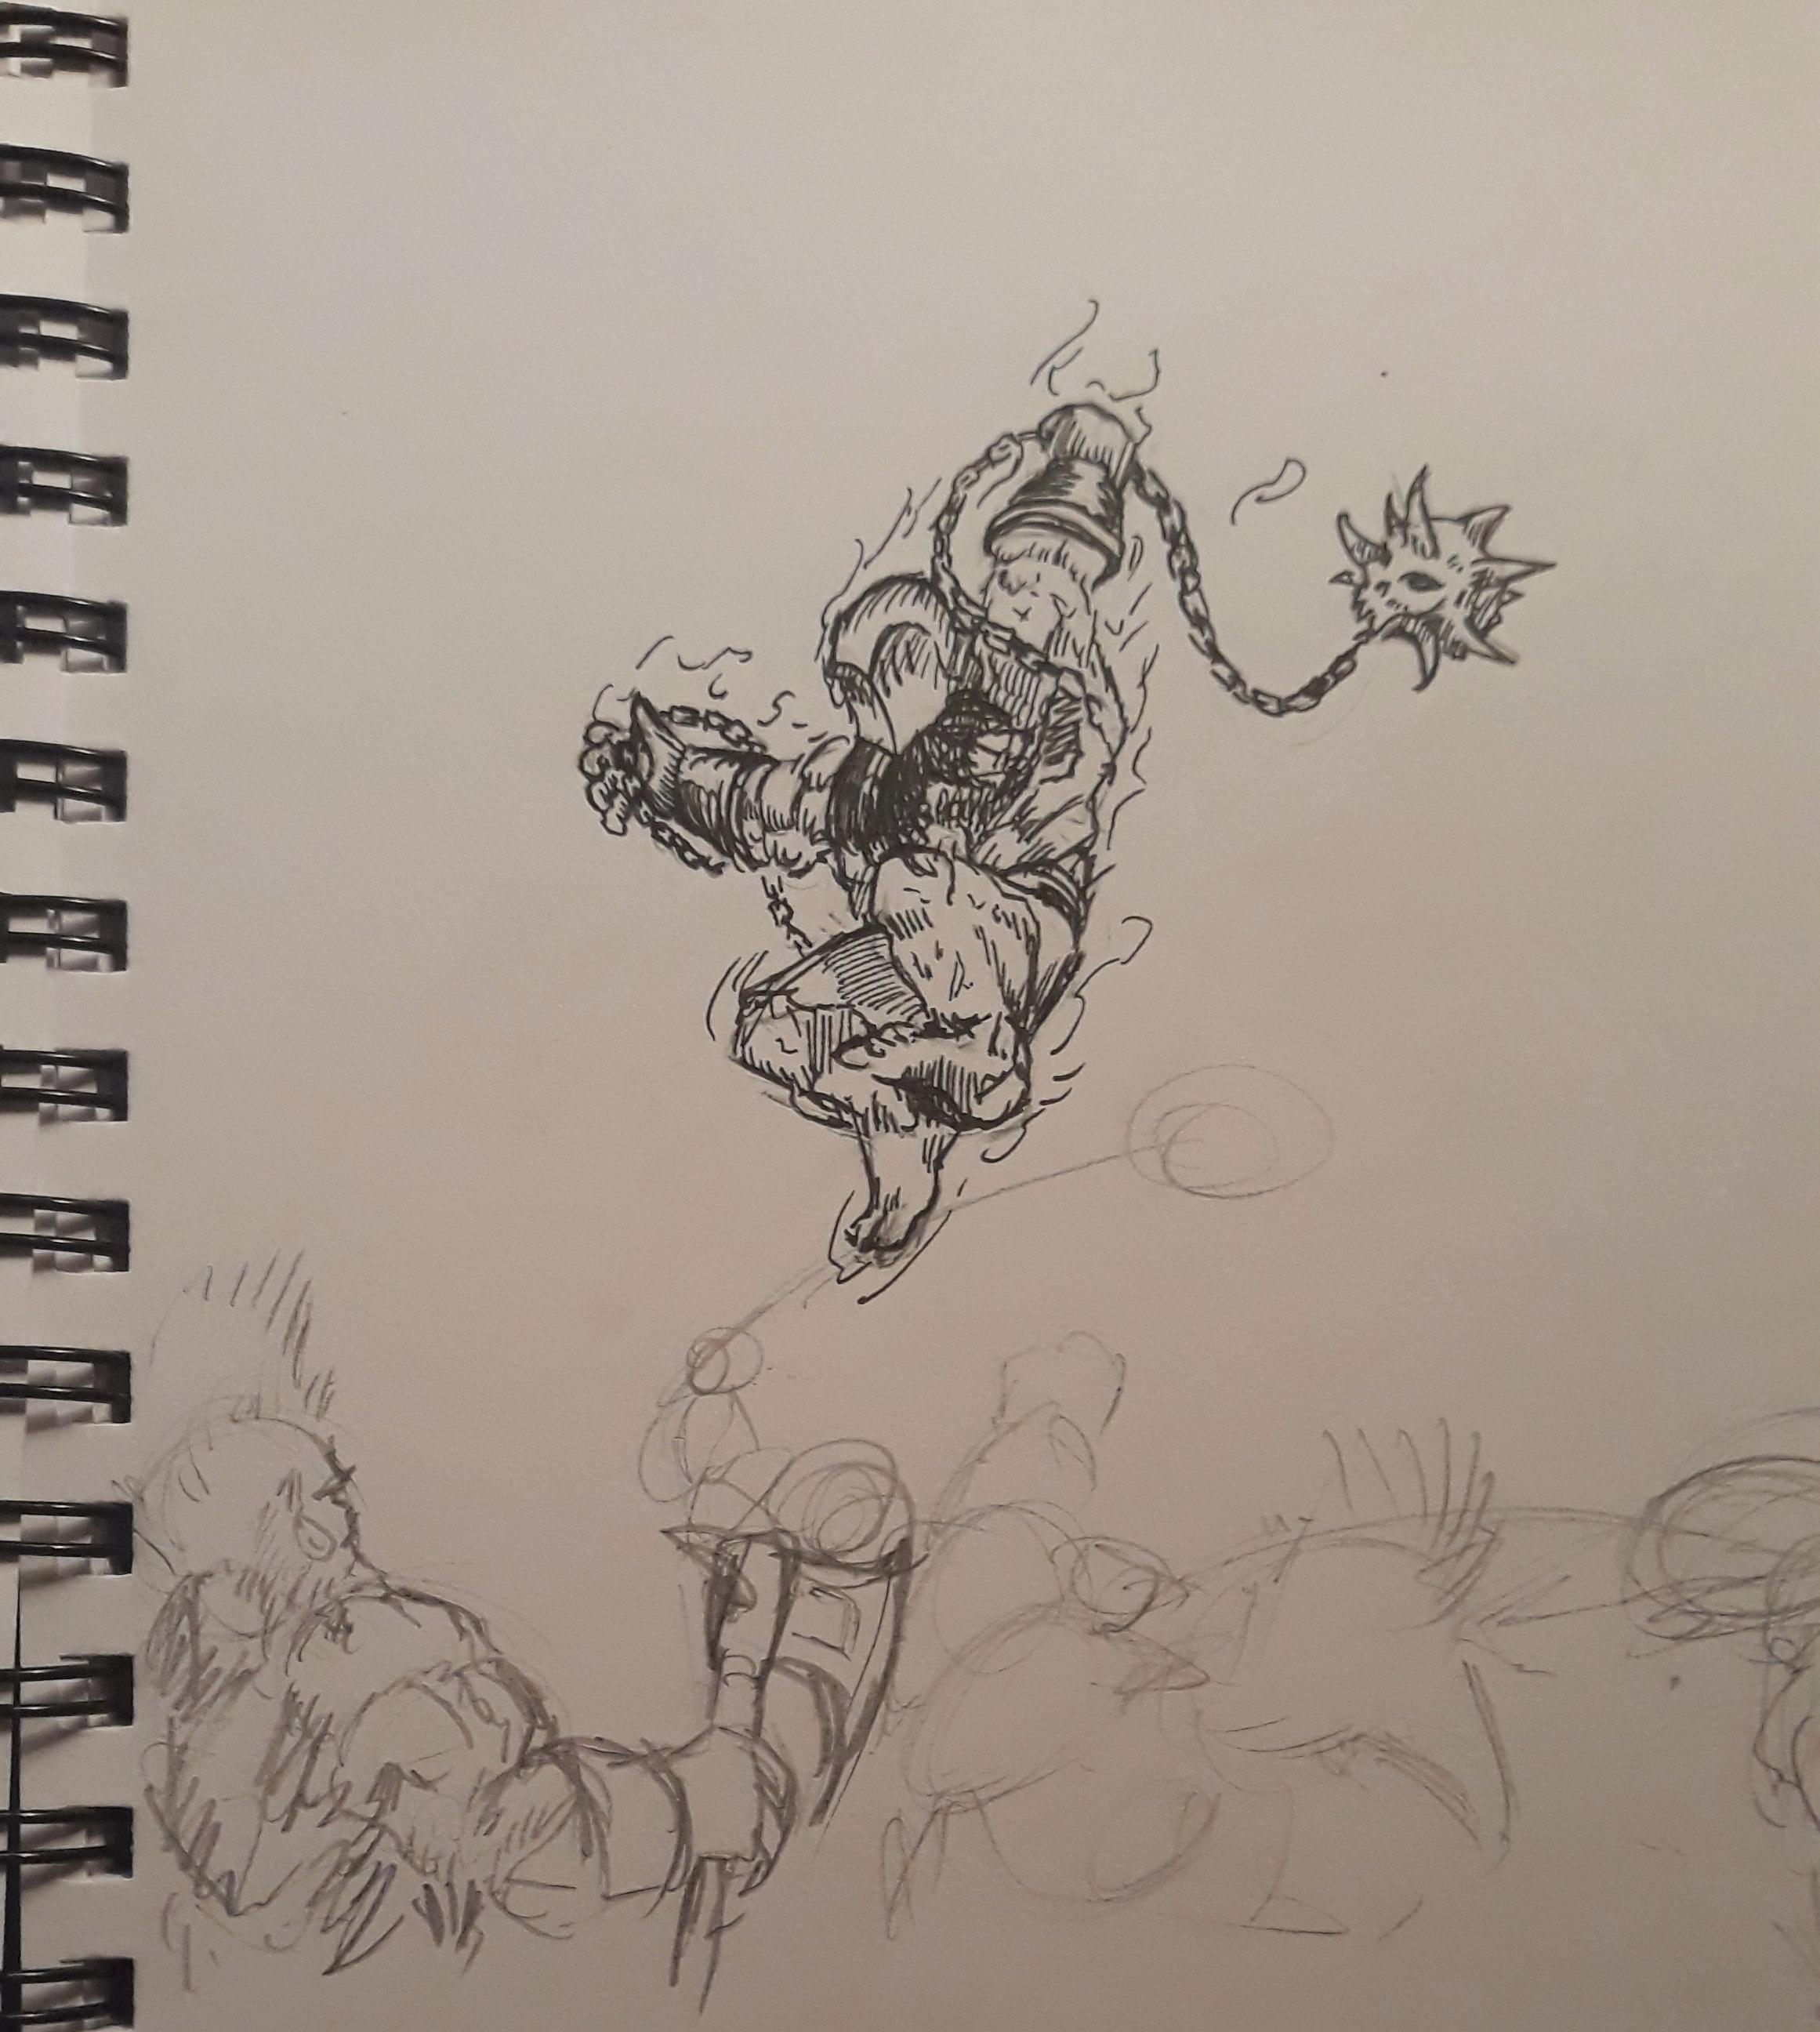 Les dessins de Gromdal - Page 11 210